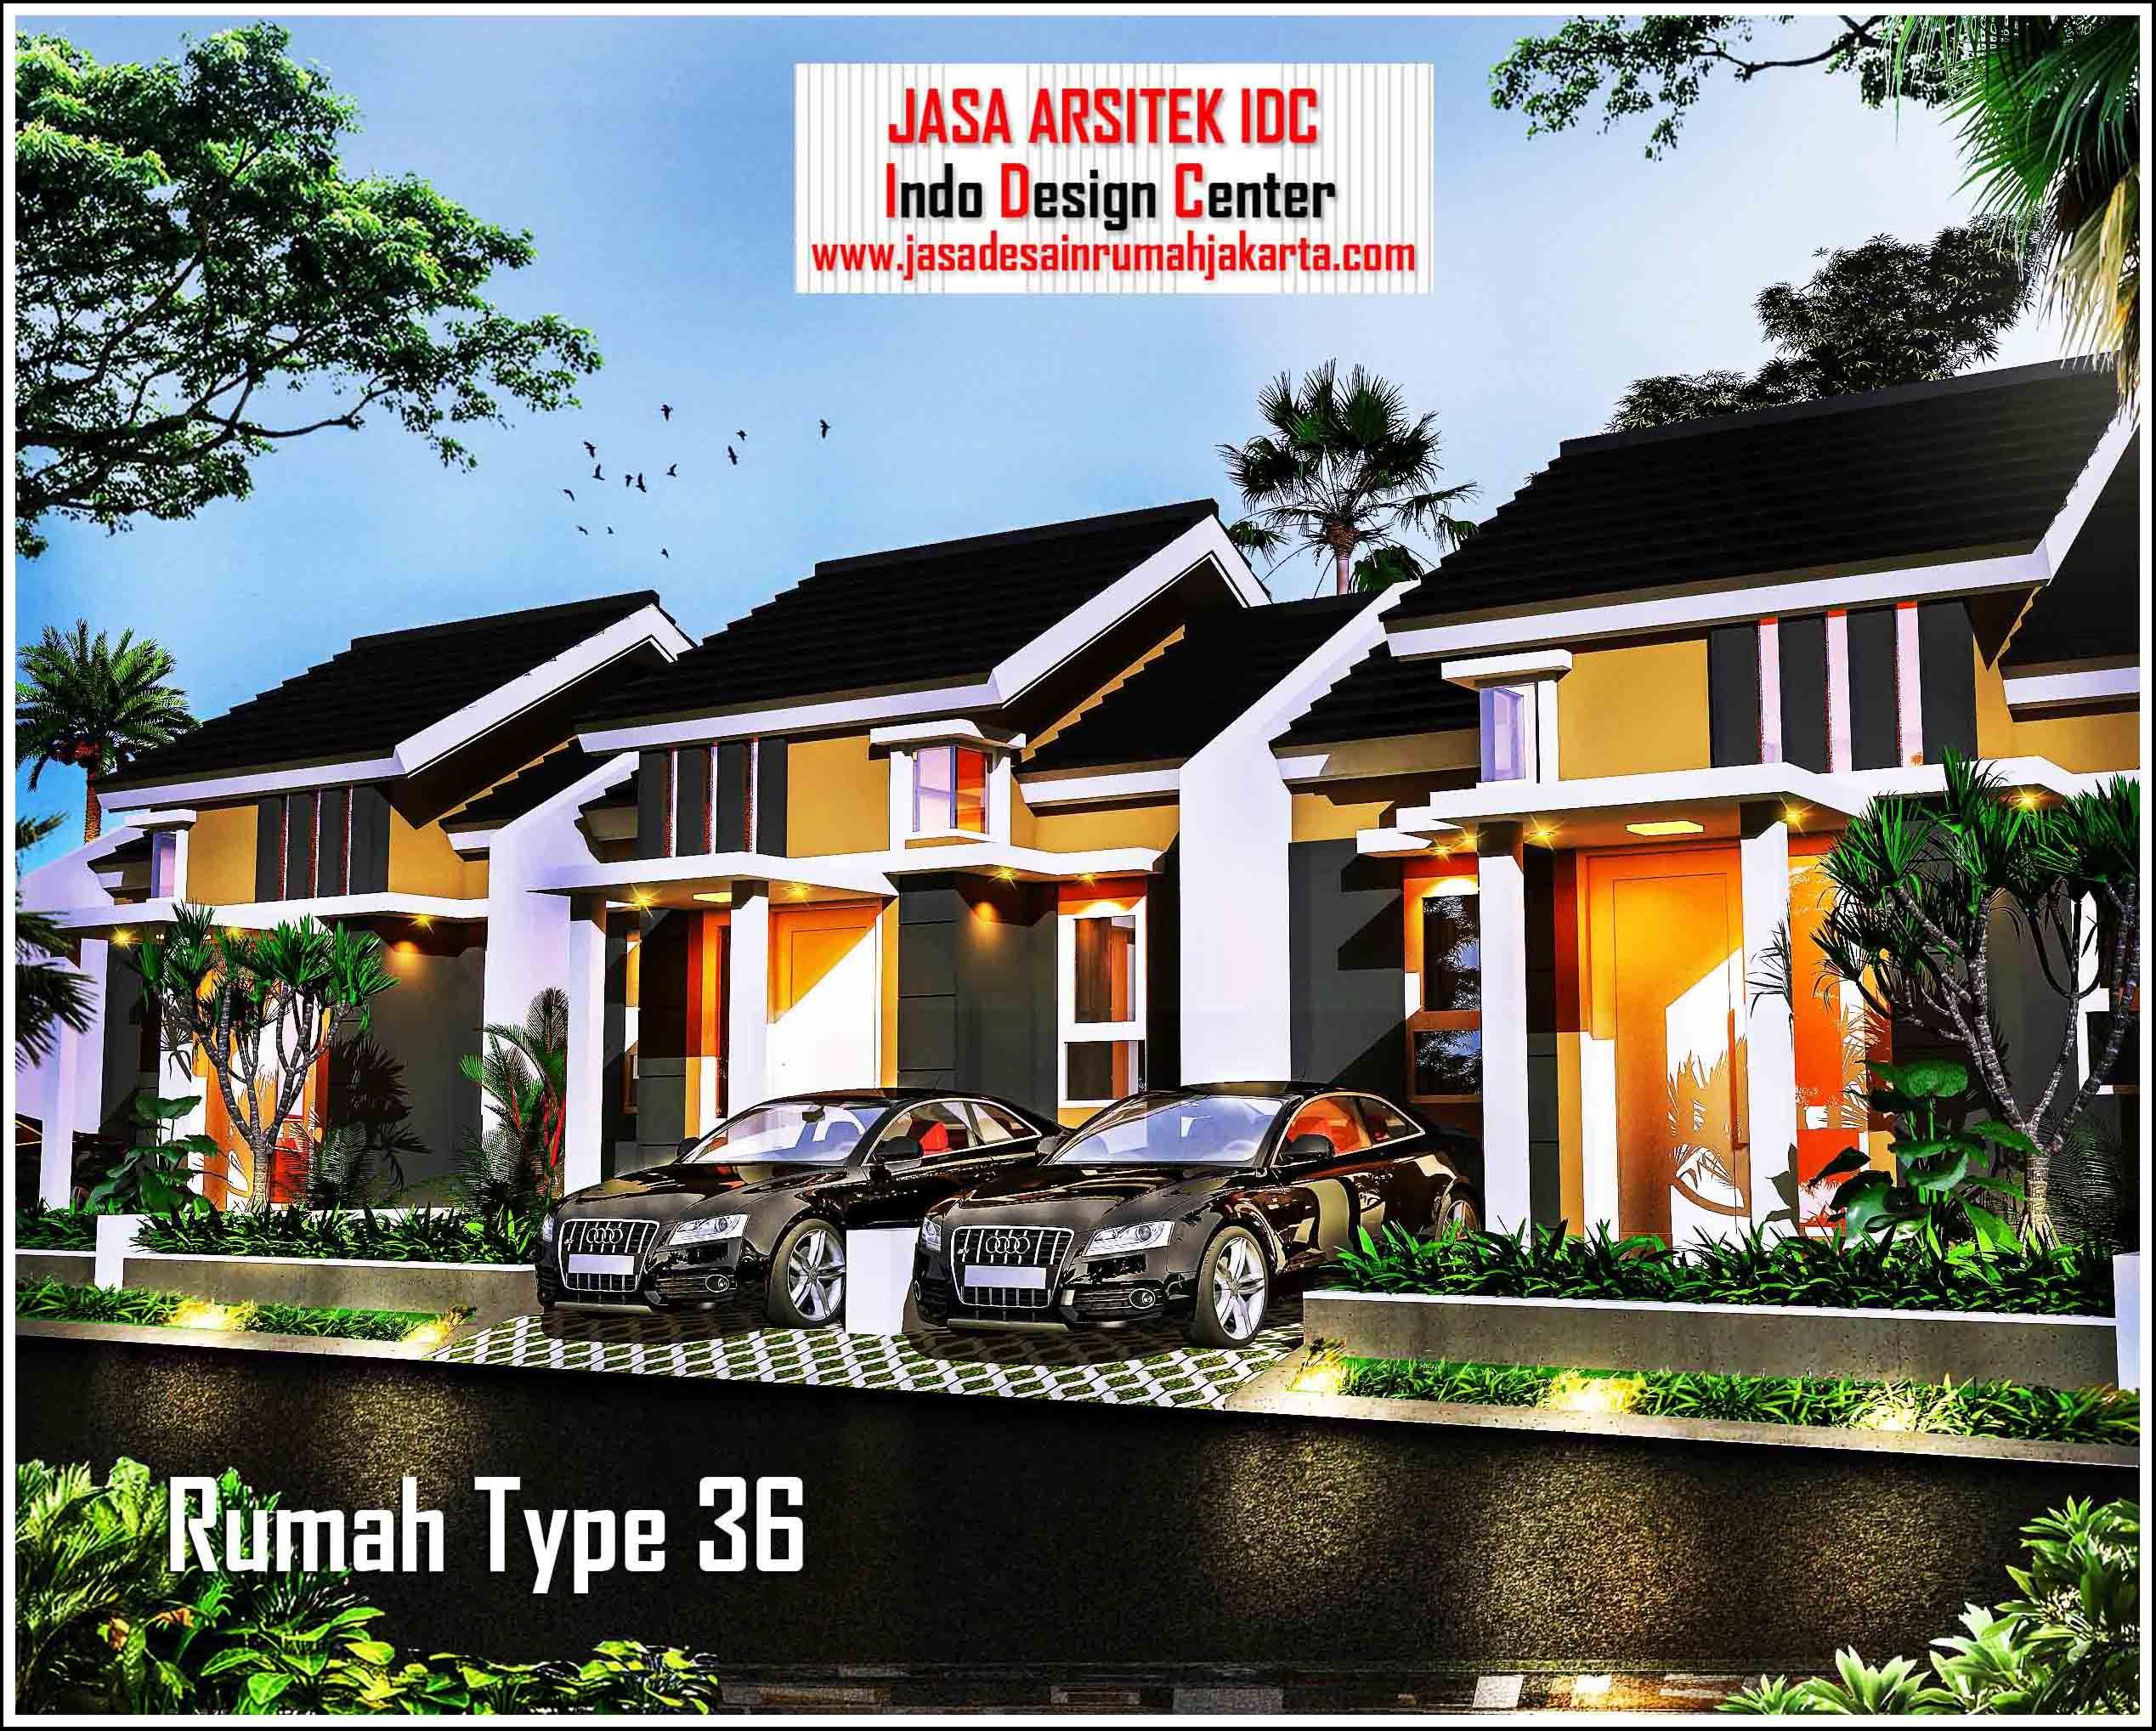 Jasa Gambar Rumah Minimalis Type 36 Part 3 Of 3 Denah Rumah Type